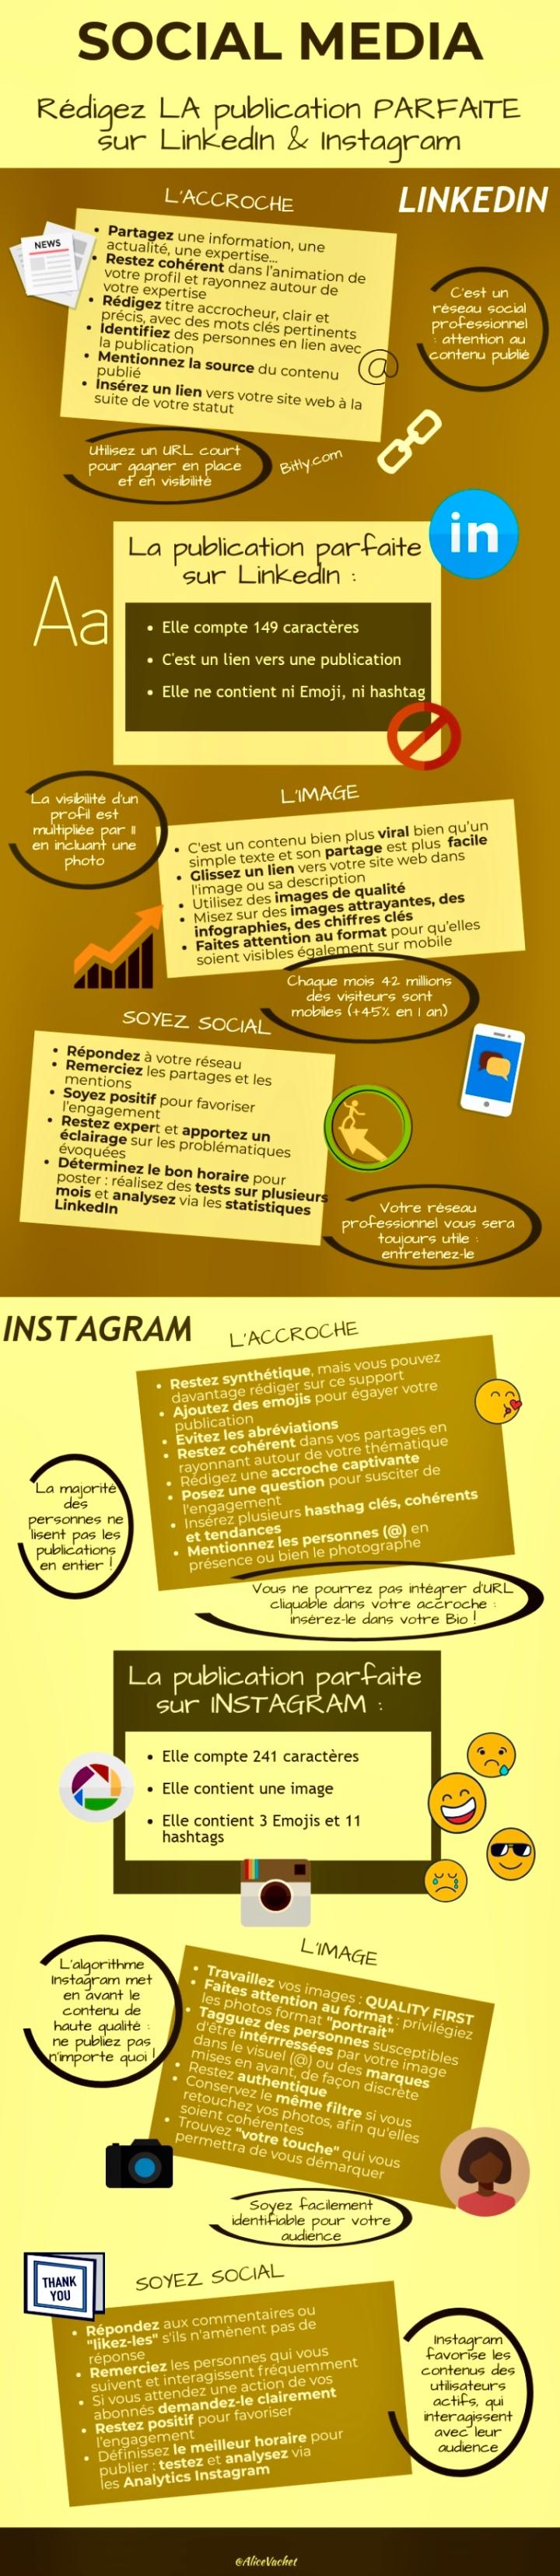 [Infographie] Social Media : Rédigez LA PUBLICATION PARFAITE sur LinkedIn & Instagram👌🏻